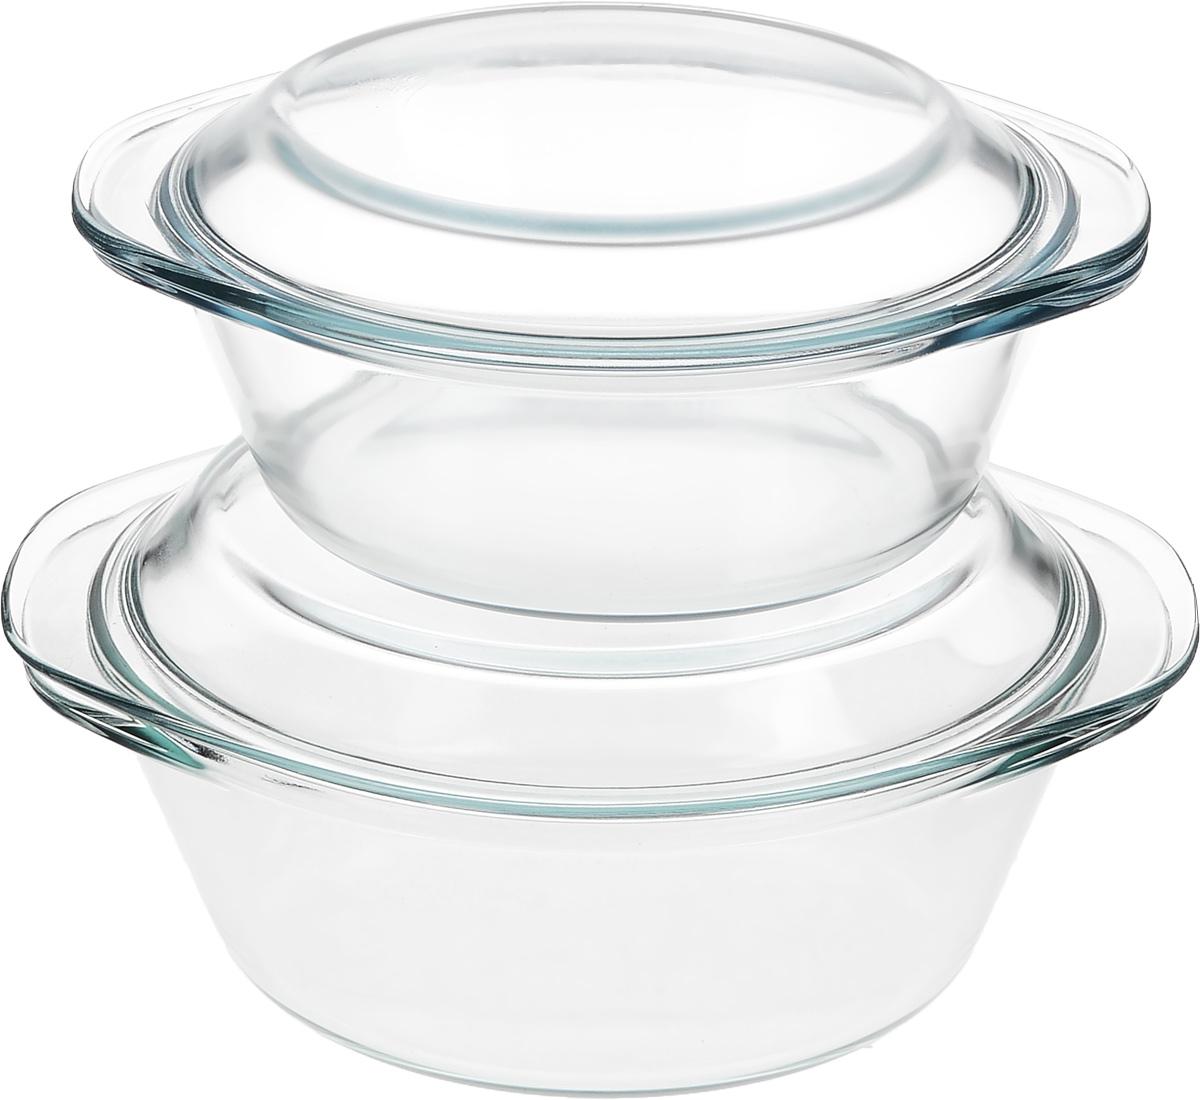 Набор термостойкой посуды Helper Gurman, 2 предмета. 45114511Набор термостойкой посуды HELPER 2 предмета - 2 кастрюли (1,2л , 1,8л) . Стеклянная огнеупорная посуда идеальна для приготовления блюд в духовке, микроволновой печи, а также для хранения продуктов в холодильнике и орозильной камере. Безопасна с точки зрения экологии. Не вступает в реакции с готовящейся пищей, не боится кислот и солей. Не ржавеет, в ней не появляется накипь. Не впитывает запахи и жир. Можно мыть в посудомоечной машине.